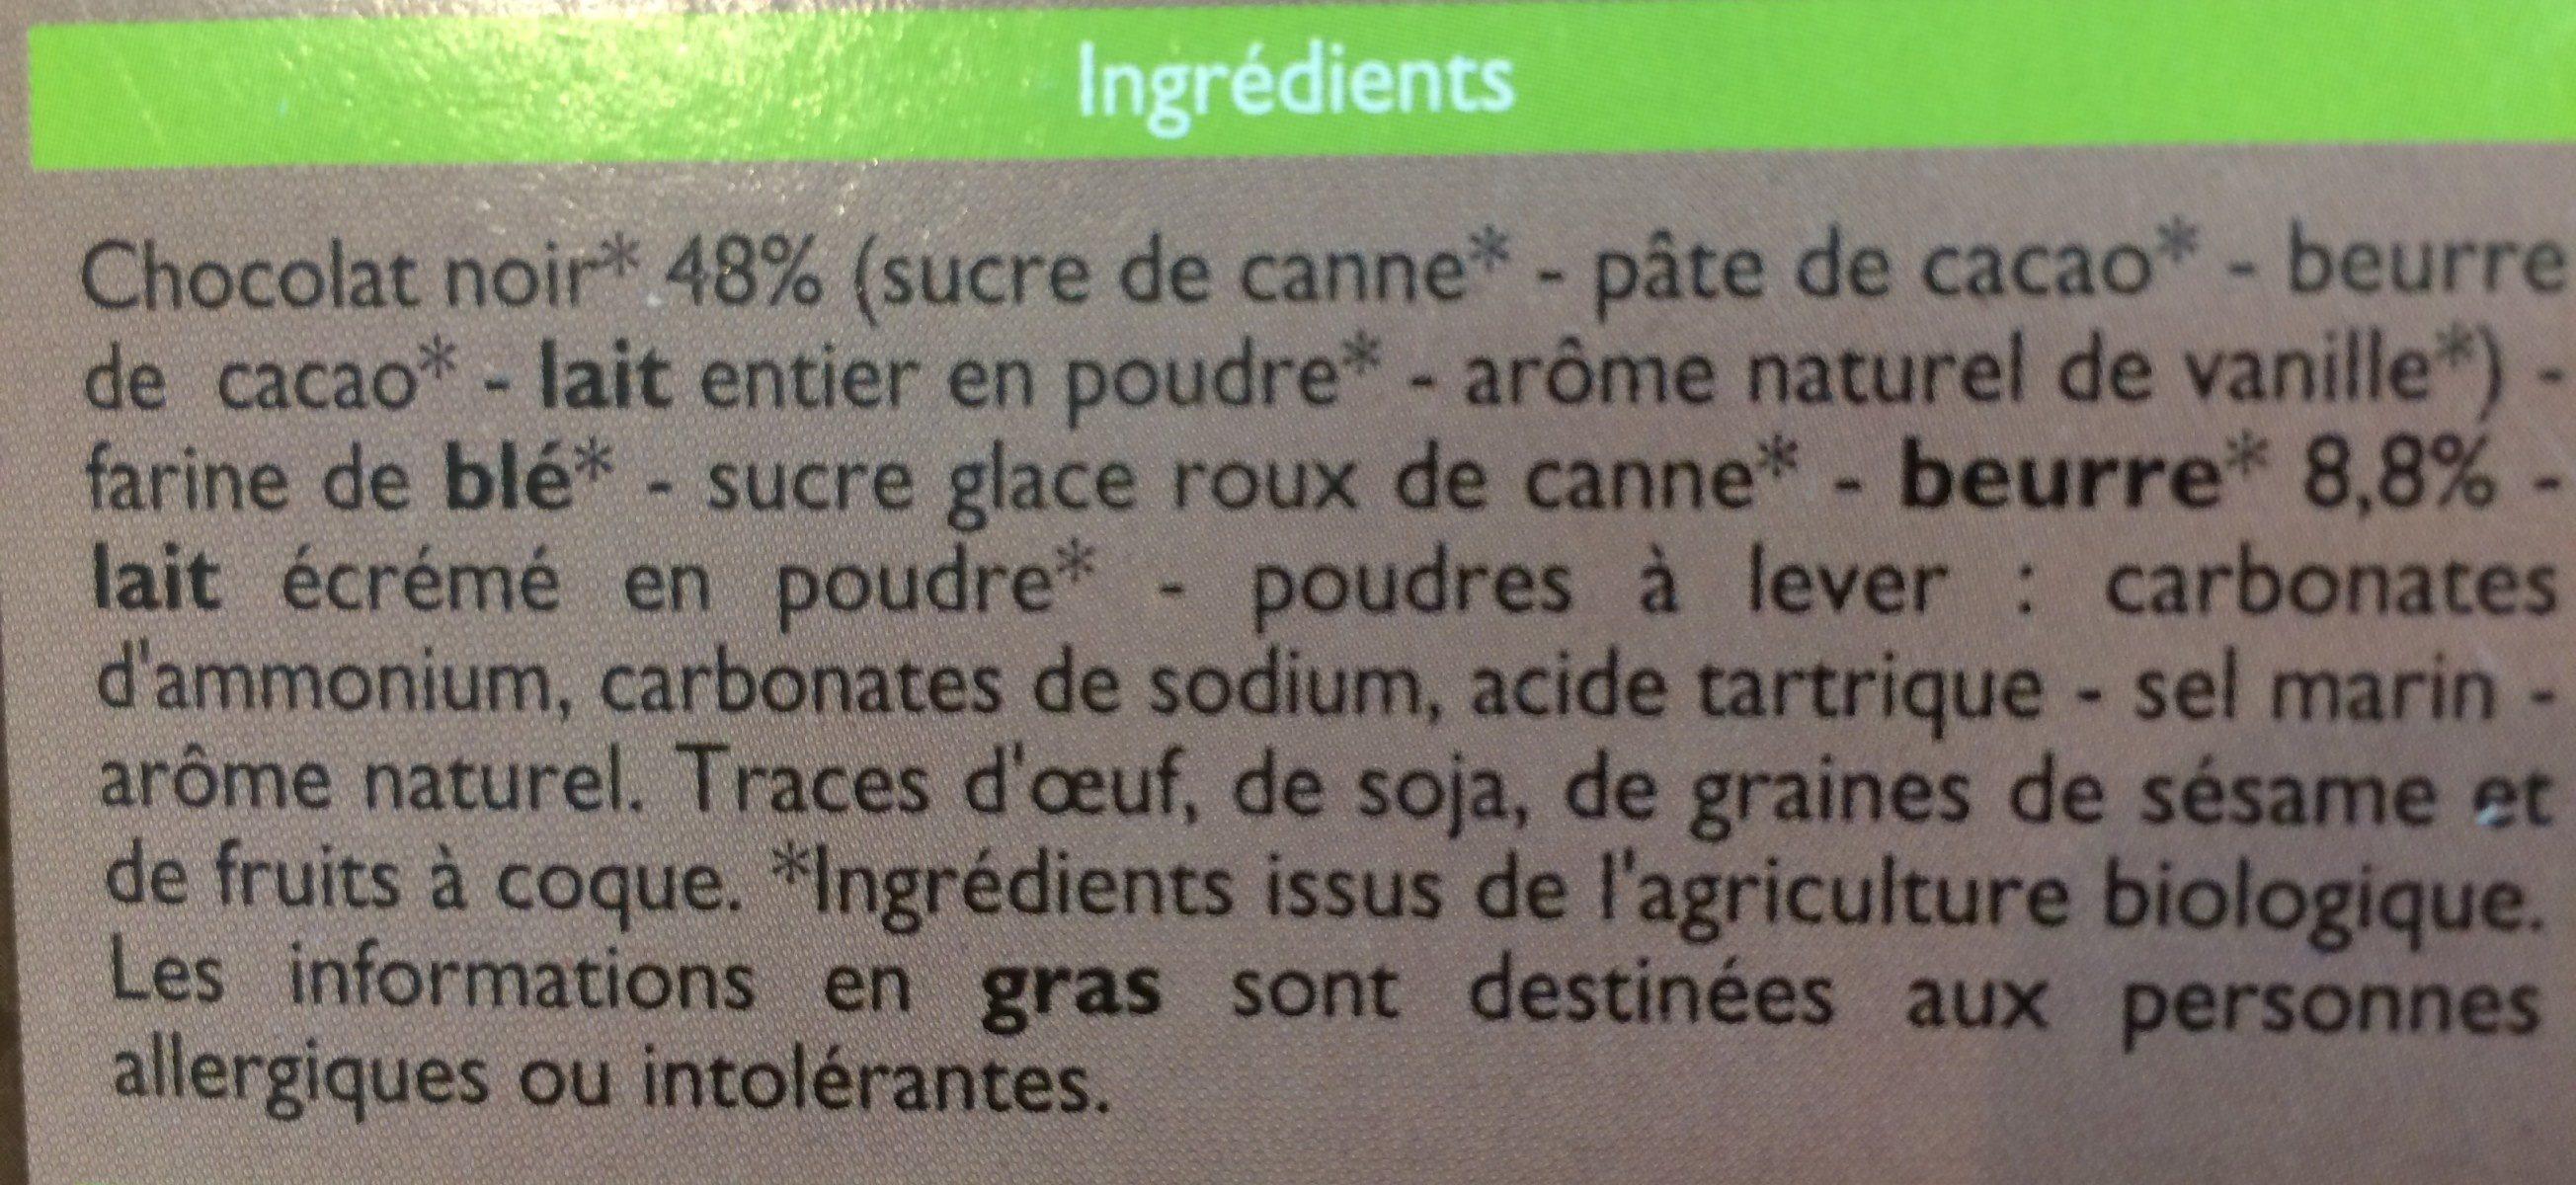 Petit Beurre chocolat noir - Ingrédients - fr